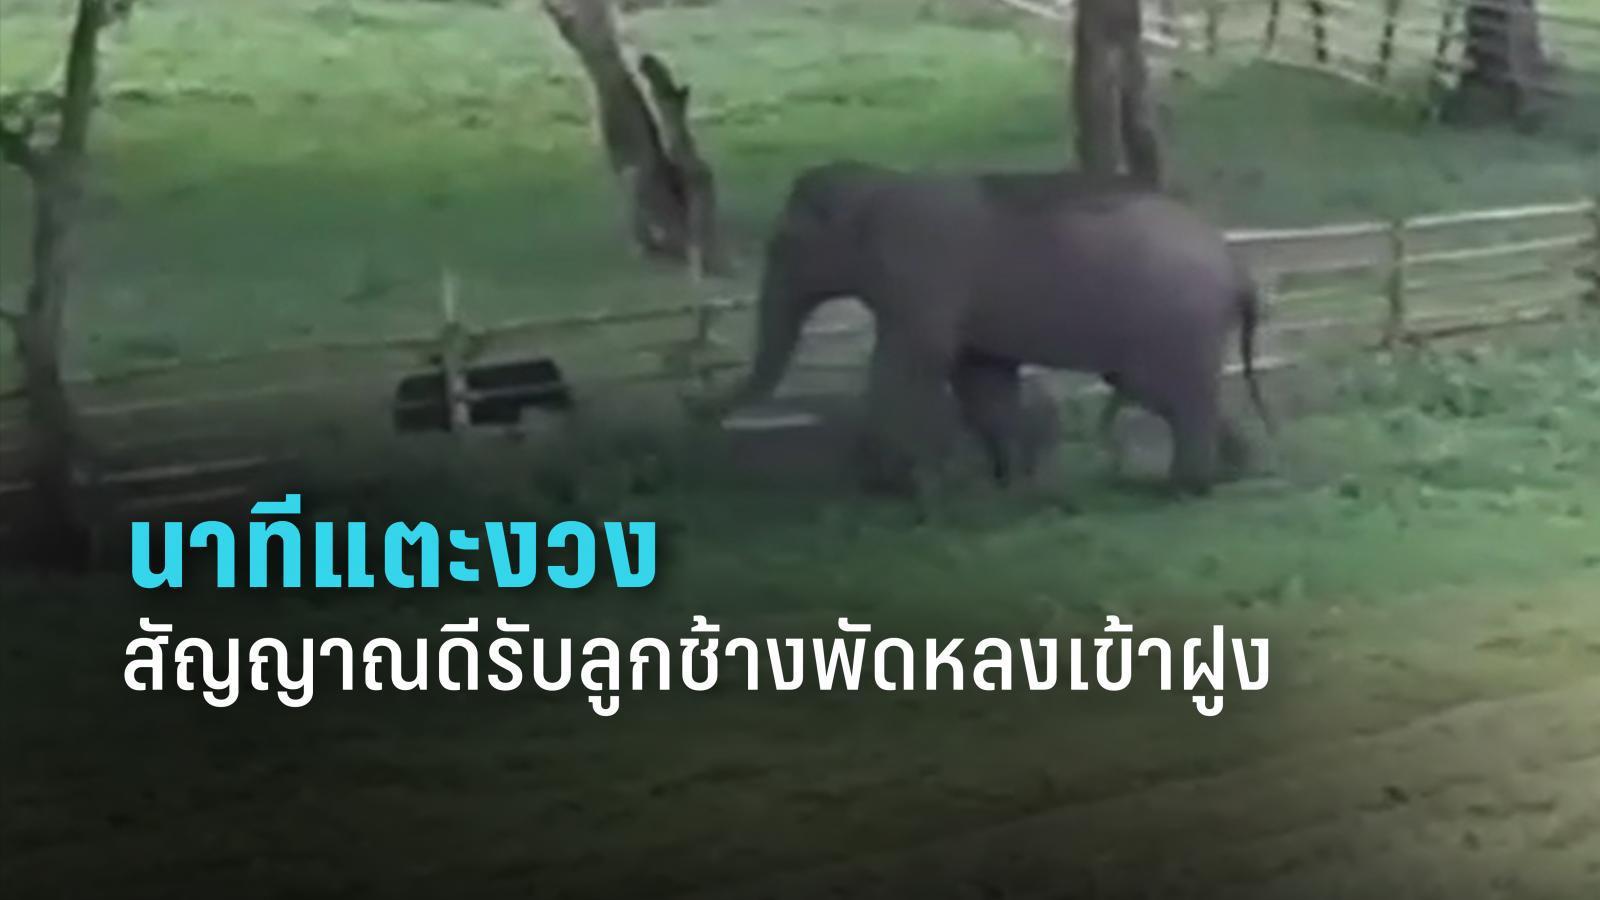 ไทม์ไลน์ นาทีลุ้น! ช้างโขลงแม่มารับลูกช้างห้วยขาแข้งพลัดหลง ถือเป็นสัญญาณดี